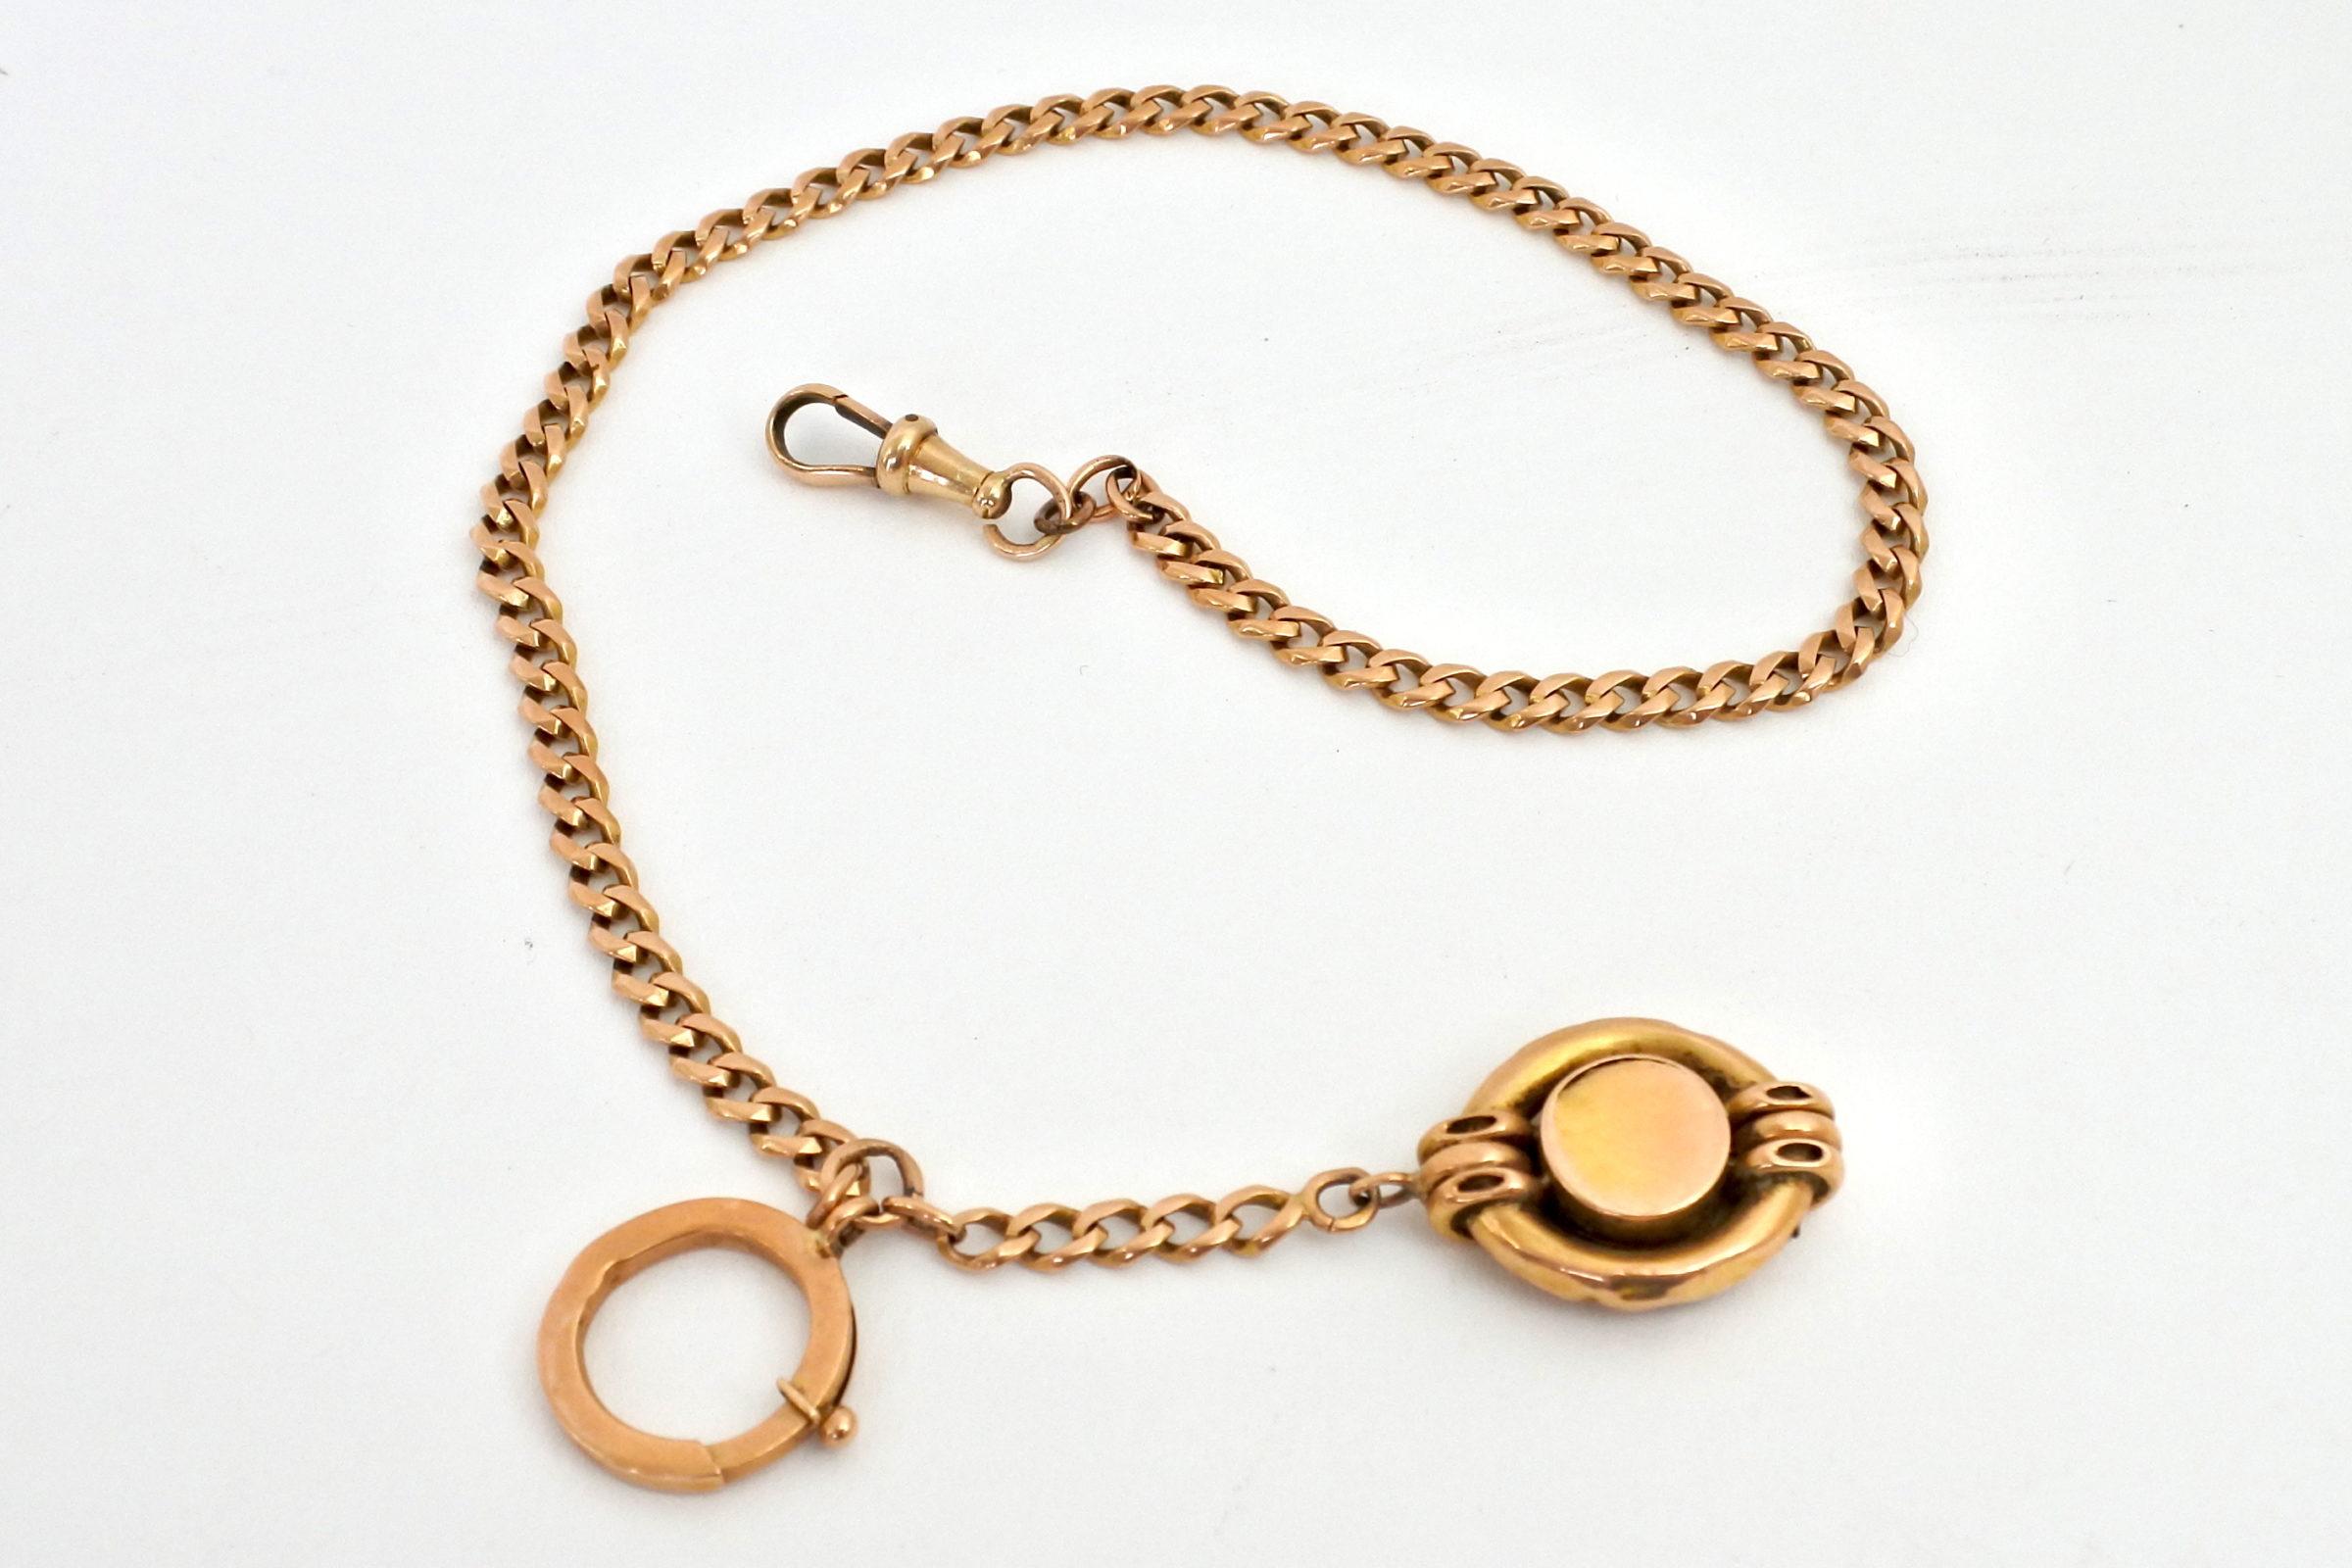 Orologio da tasca occhio di bue in oro - Vacheron & Constantin Genève - 12